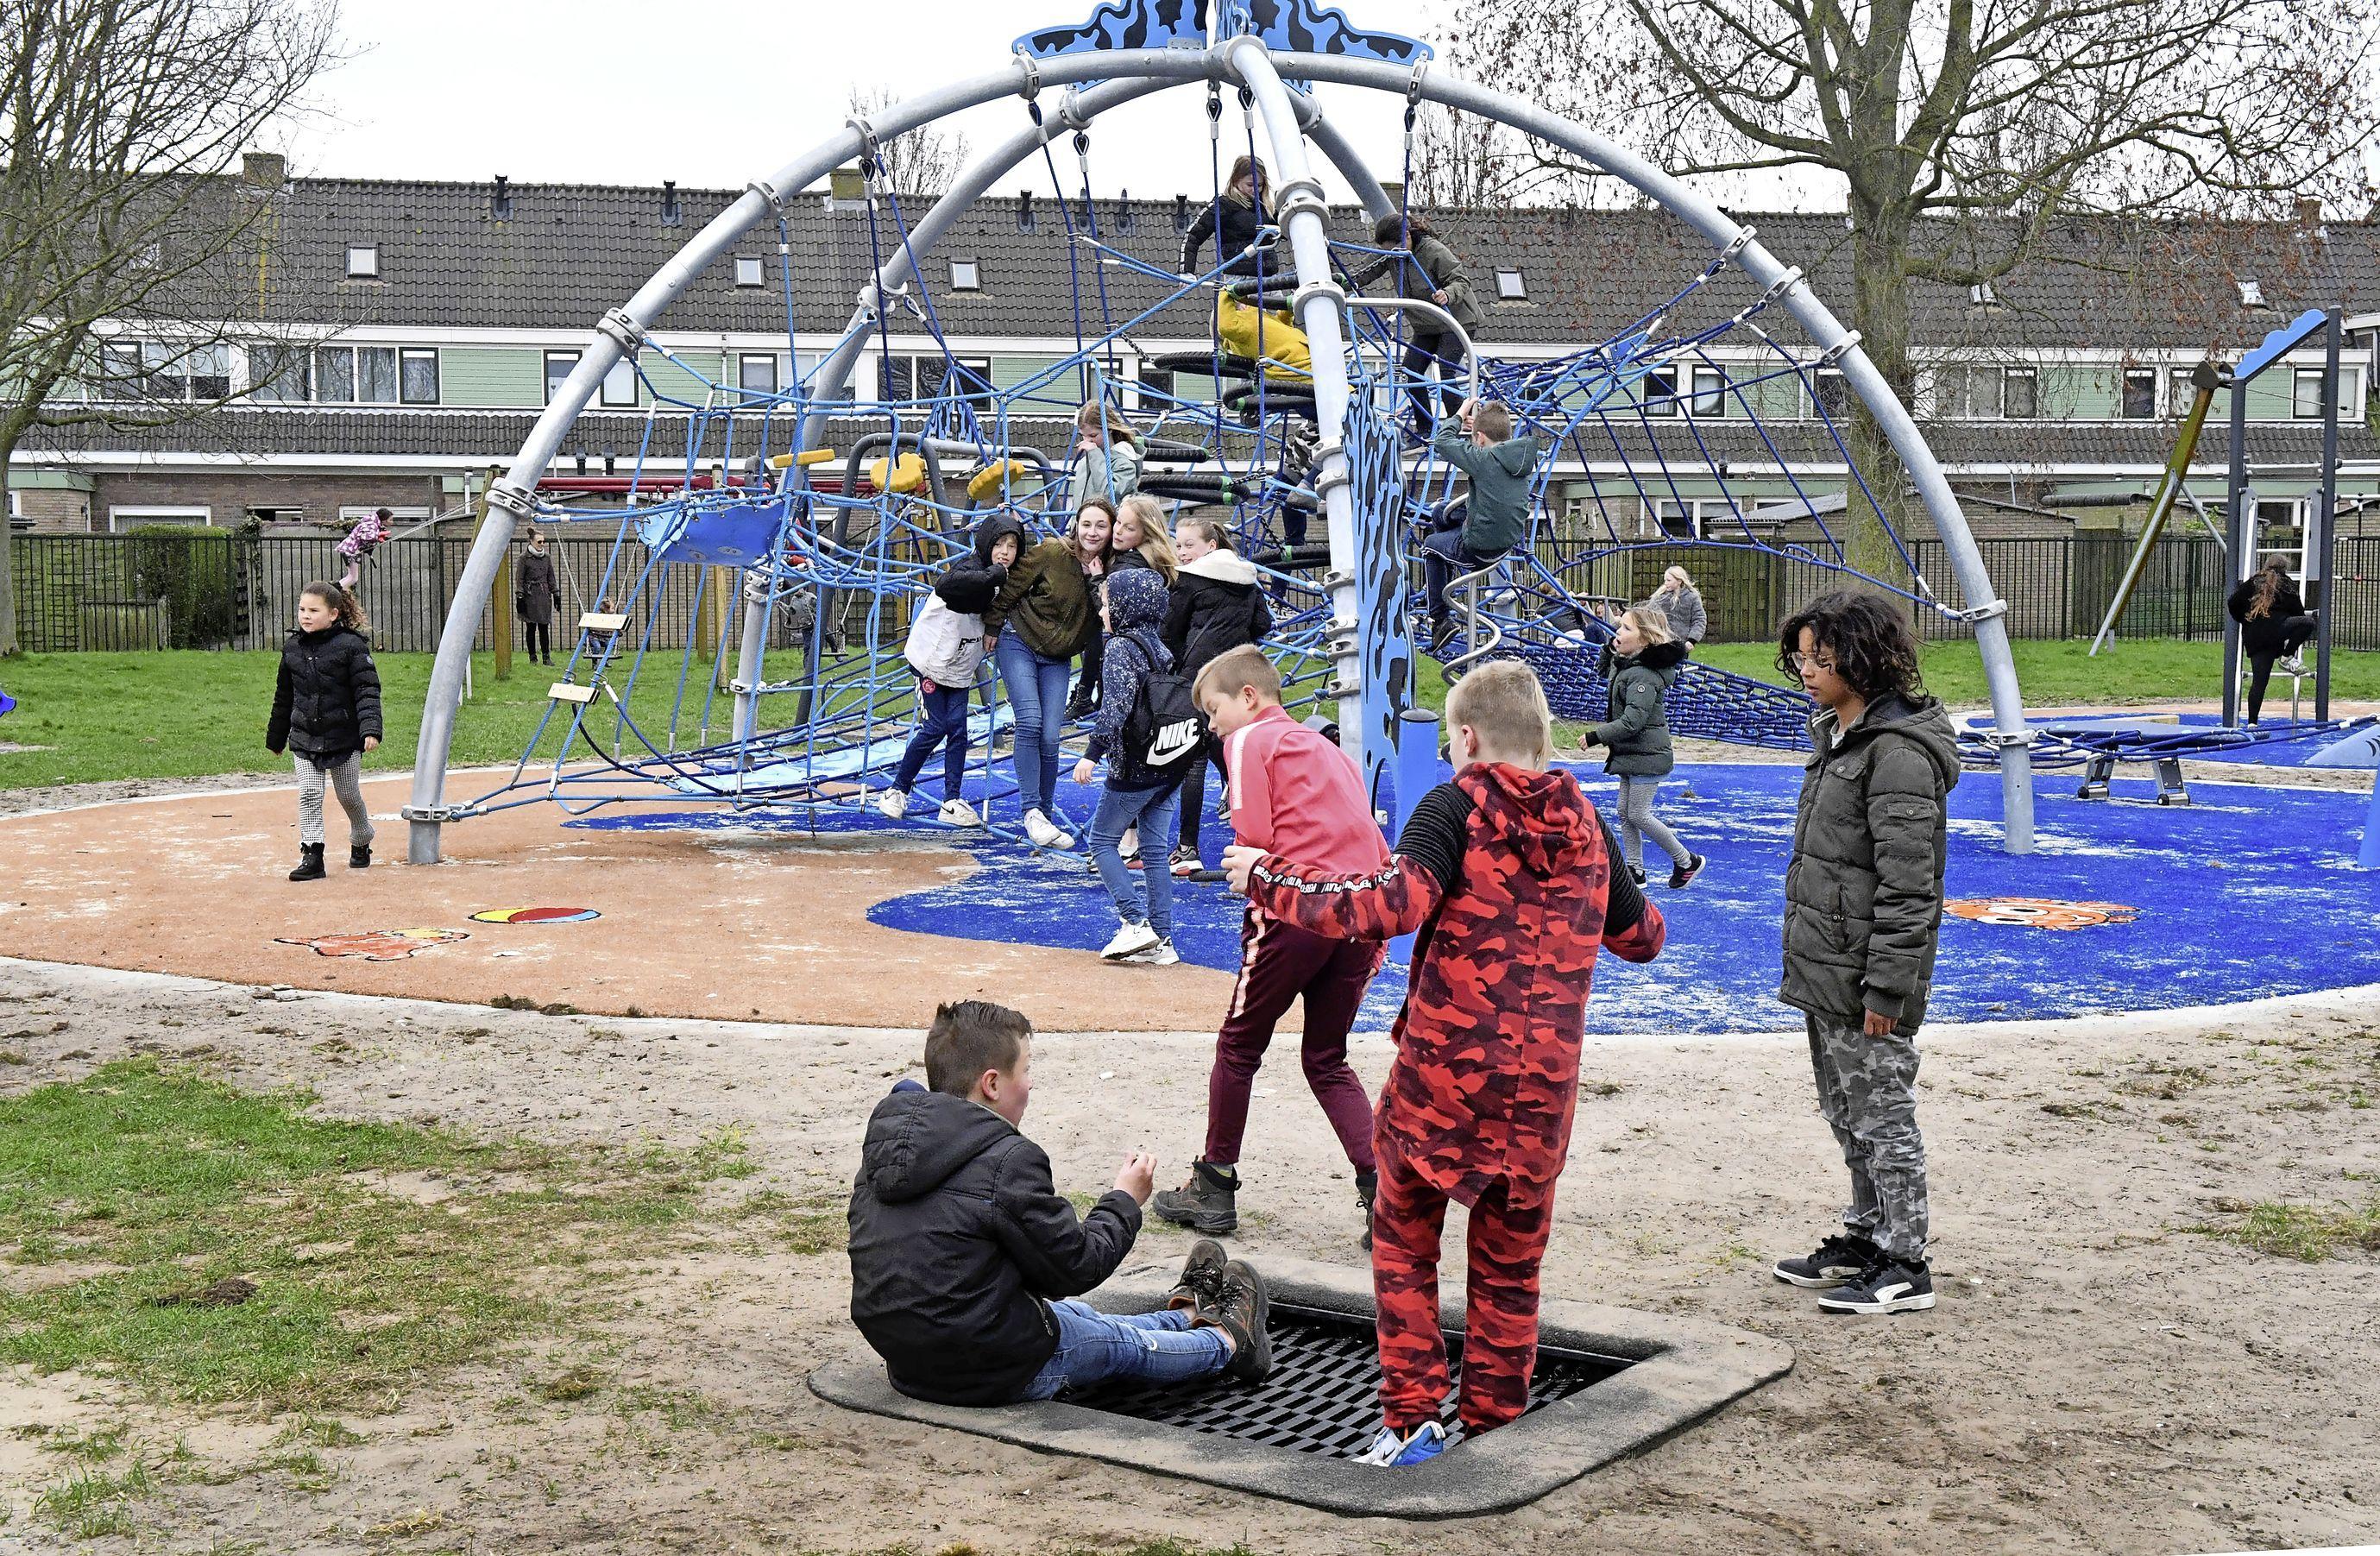 Volop klimmen en klauteren: drukke boel bij nieuwe speeltuin in Vogelwijk Den Helder